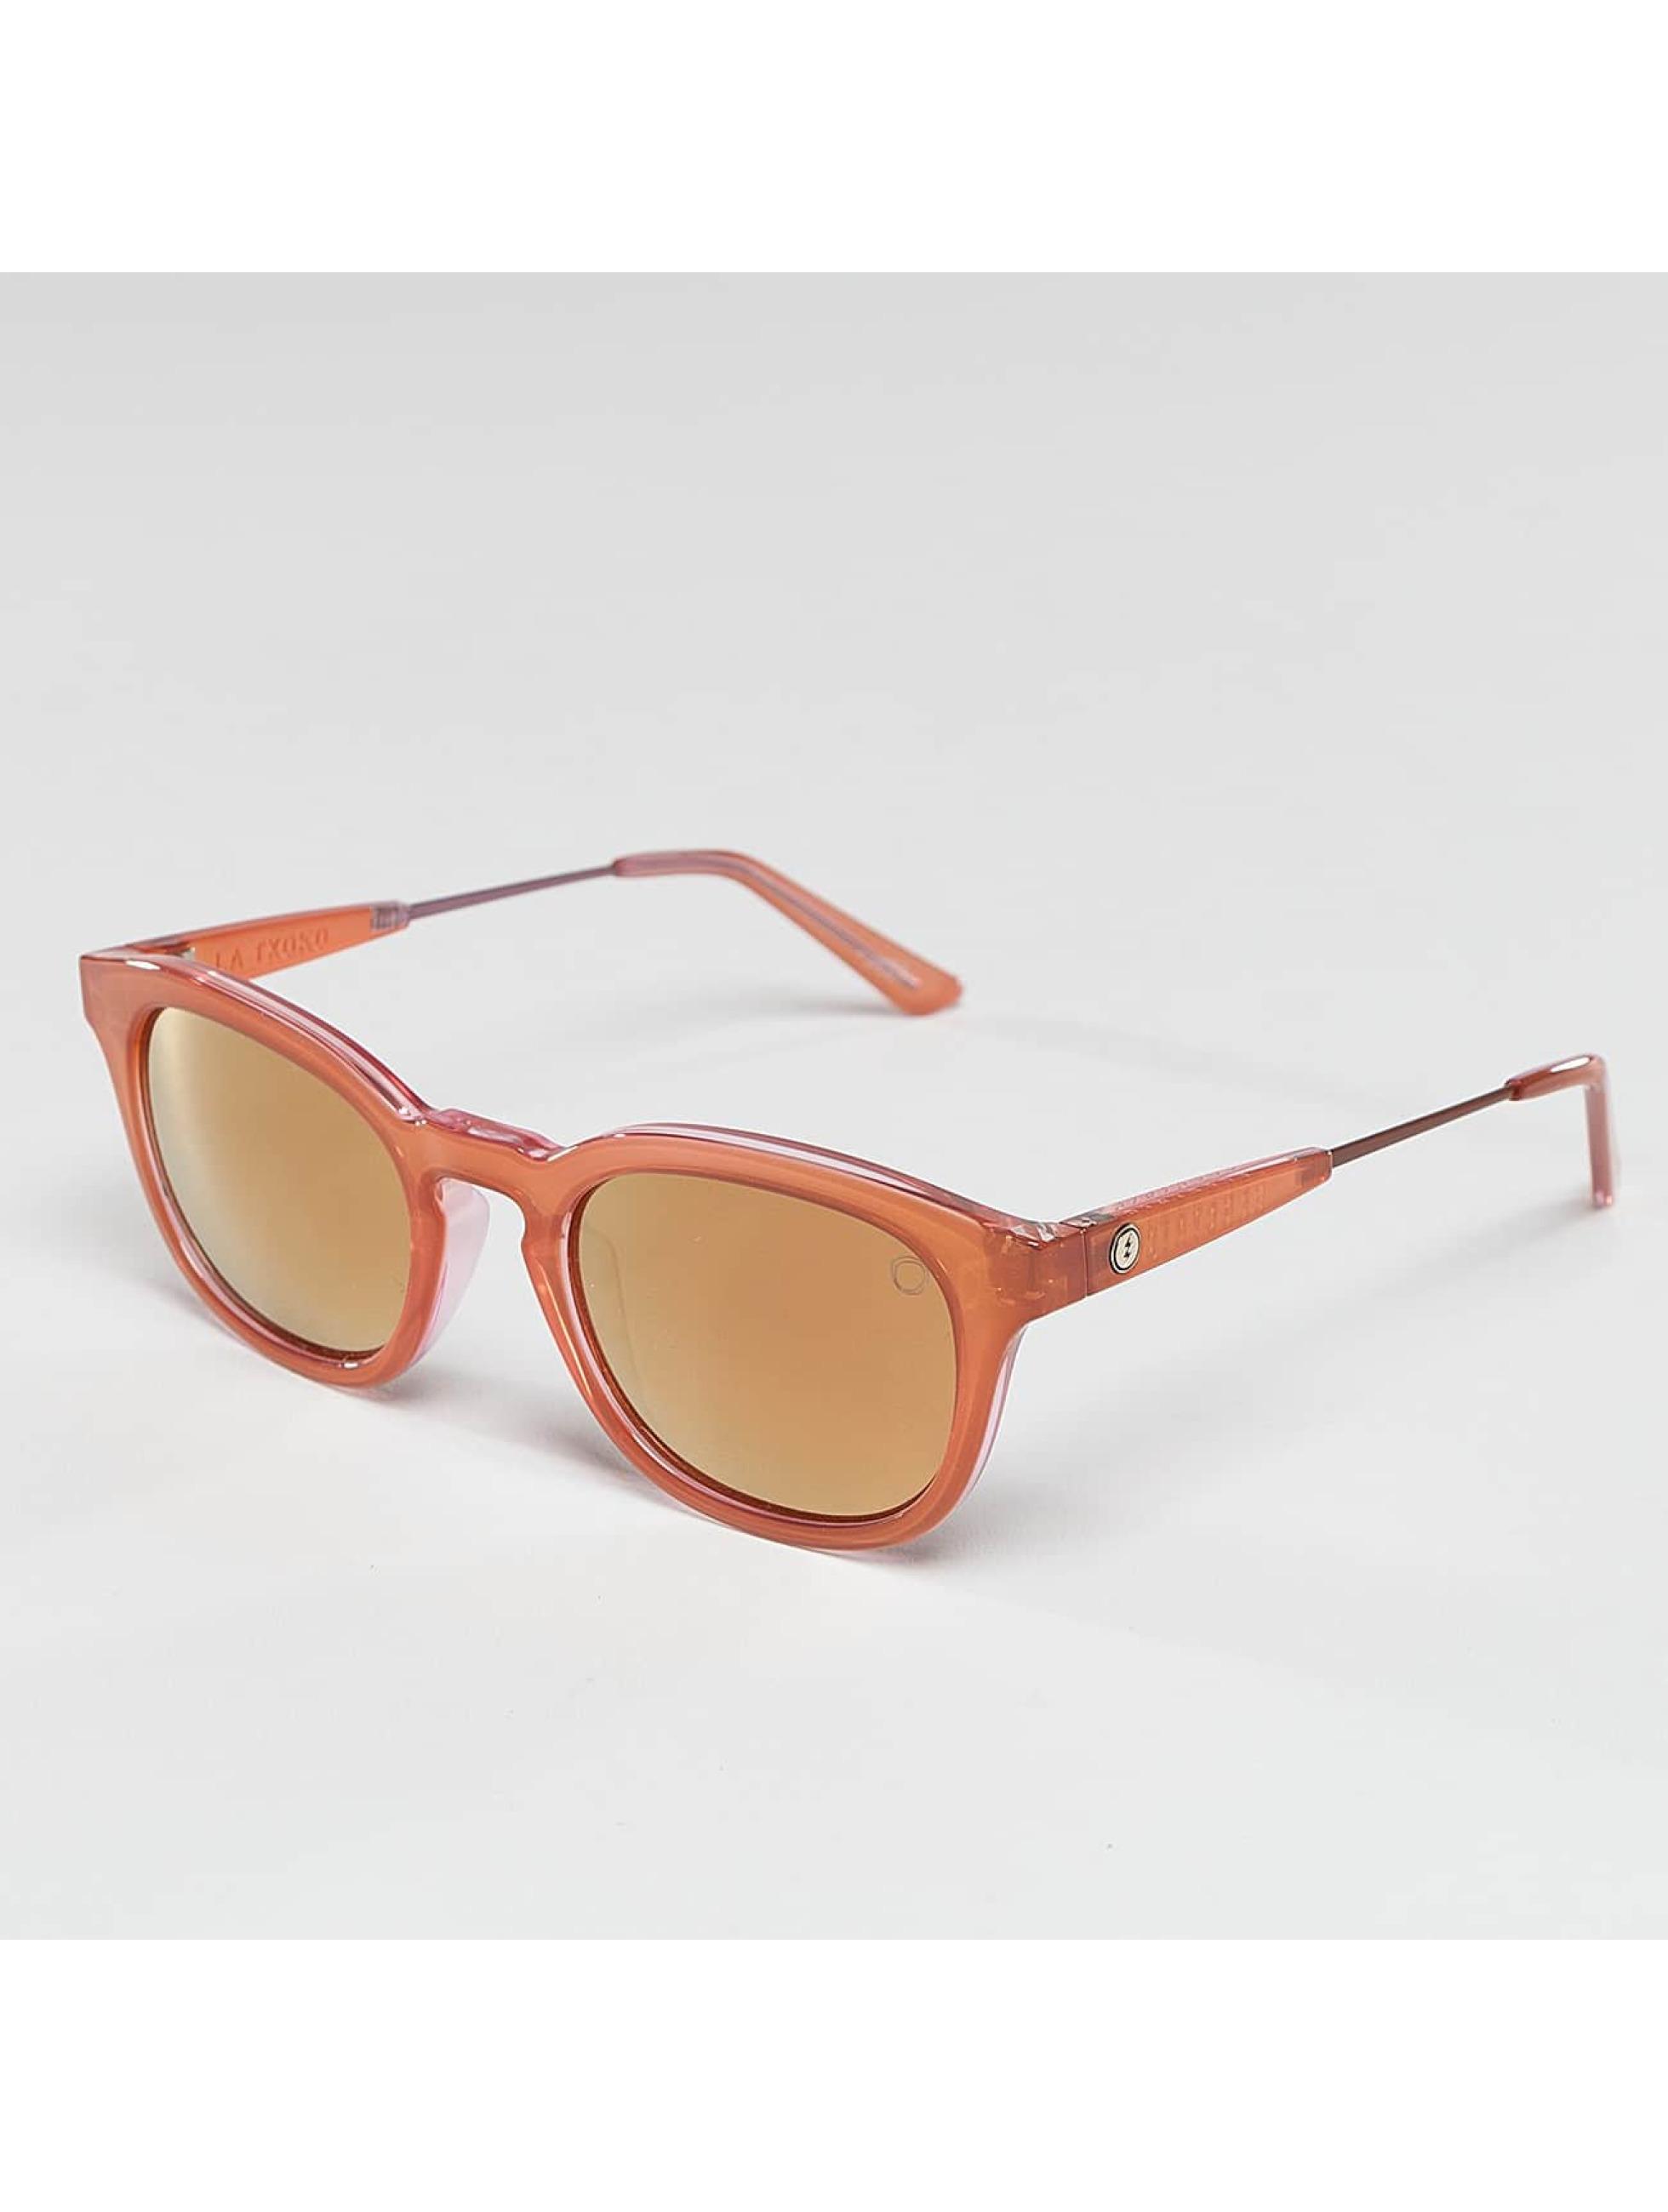 Electric Accessoires / Lunettes de soleil LA TXOKO en rose